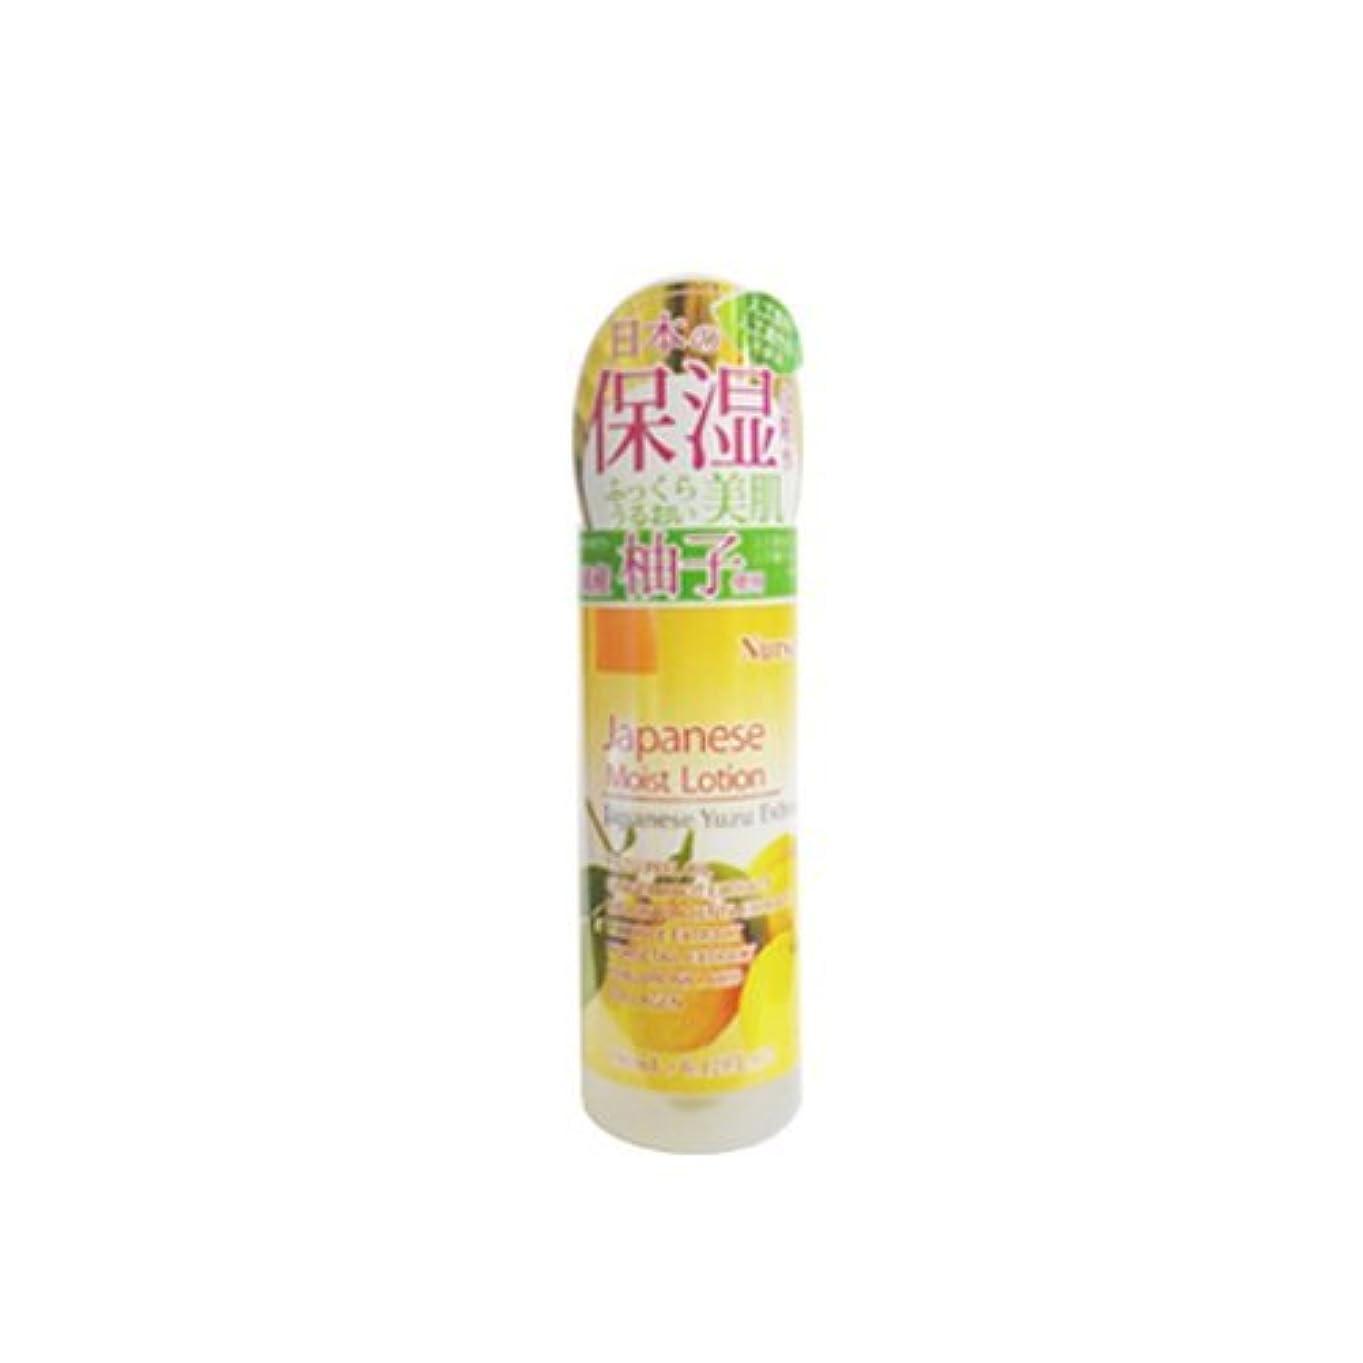 レモン安全な可愛いNursery ナーセリー ジャパニーズ モイスト ローション ゆず 180ml